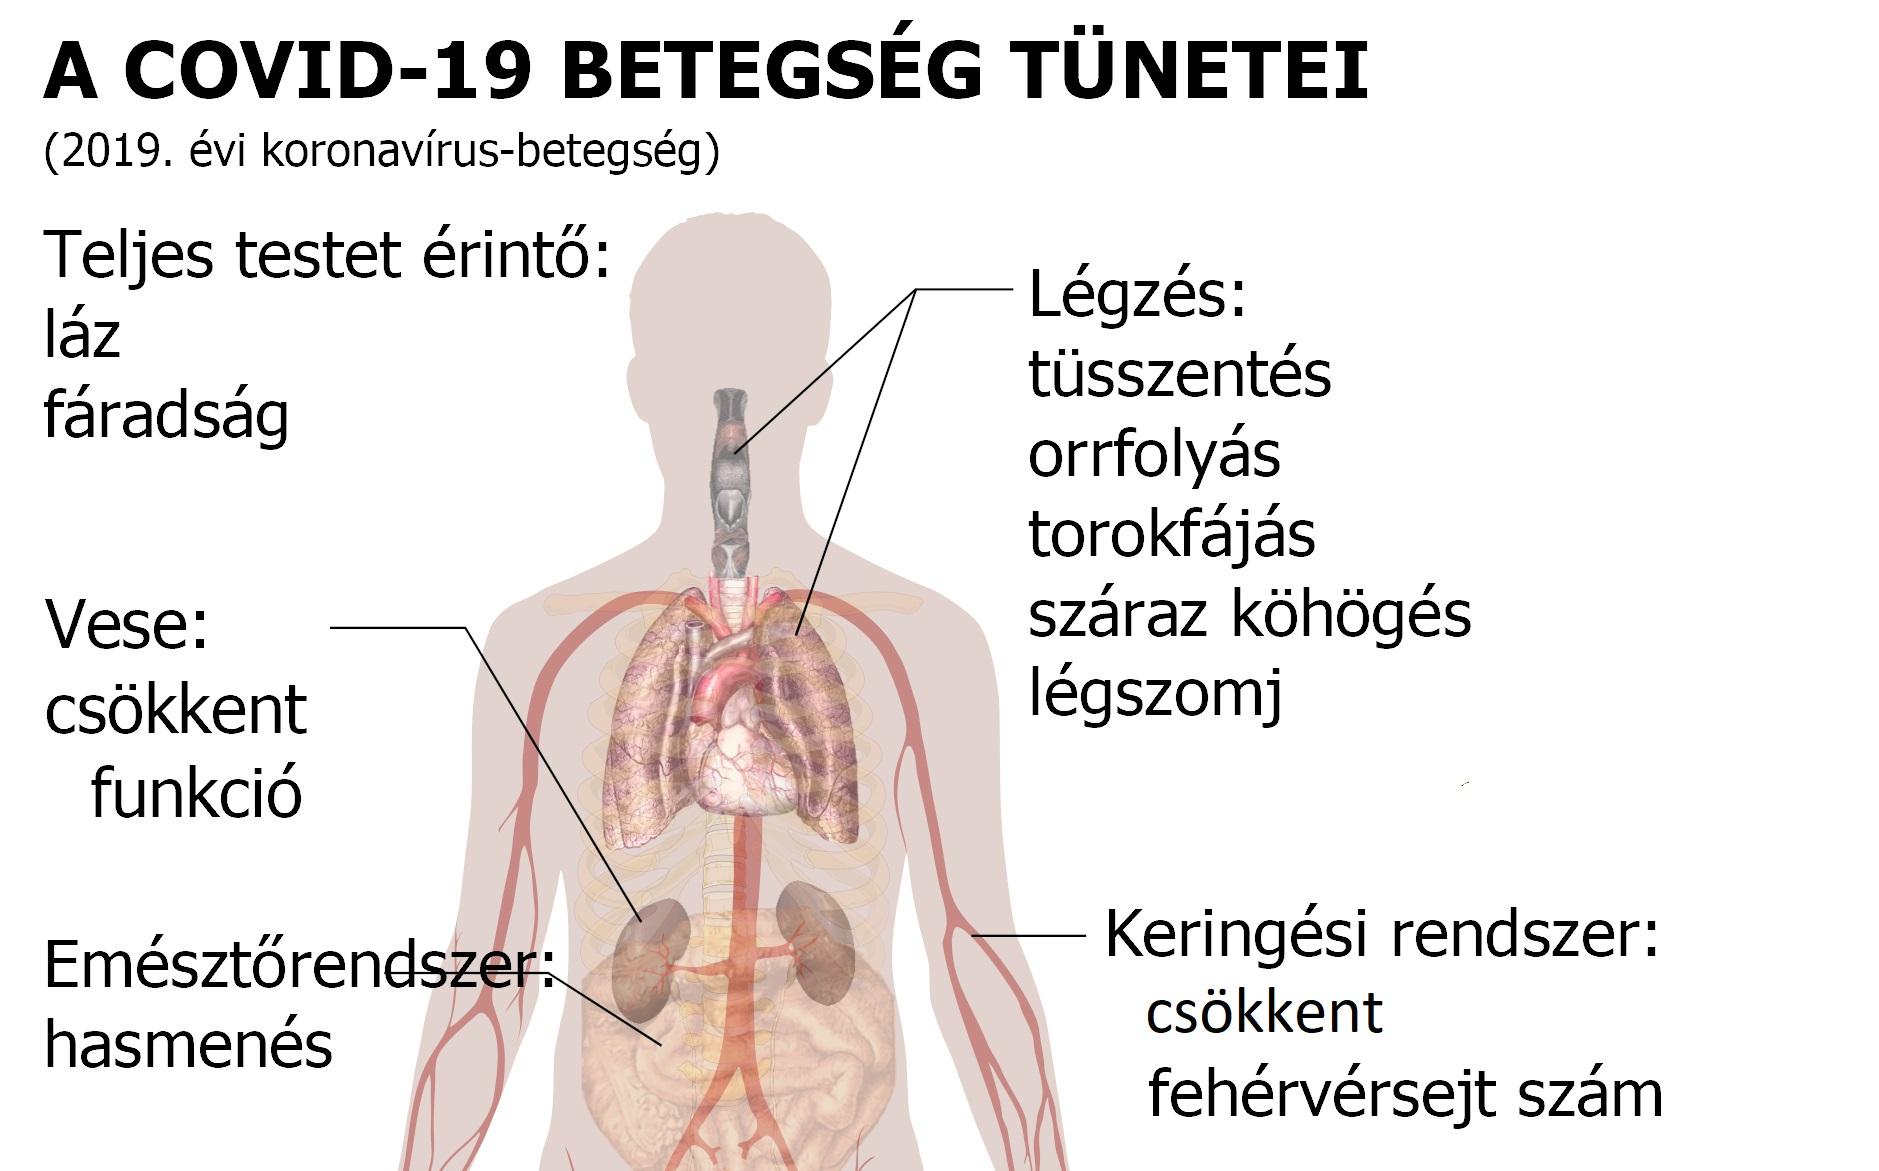 Parazita gyógyszerek gyermekeknek vélemények, A Magyarországon előforduló féregfertőzések